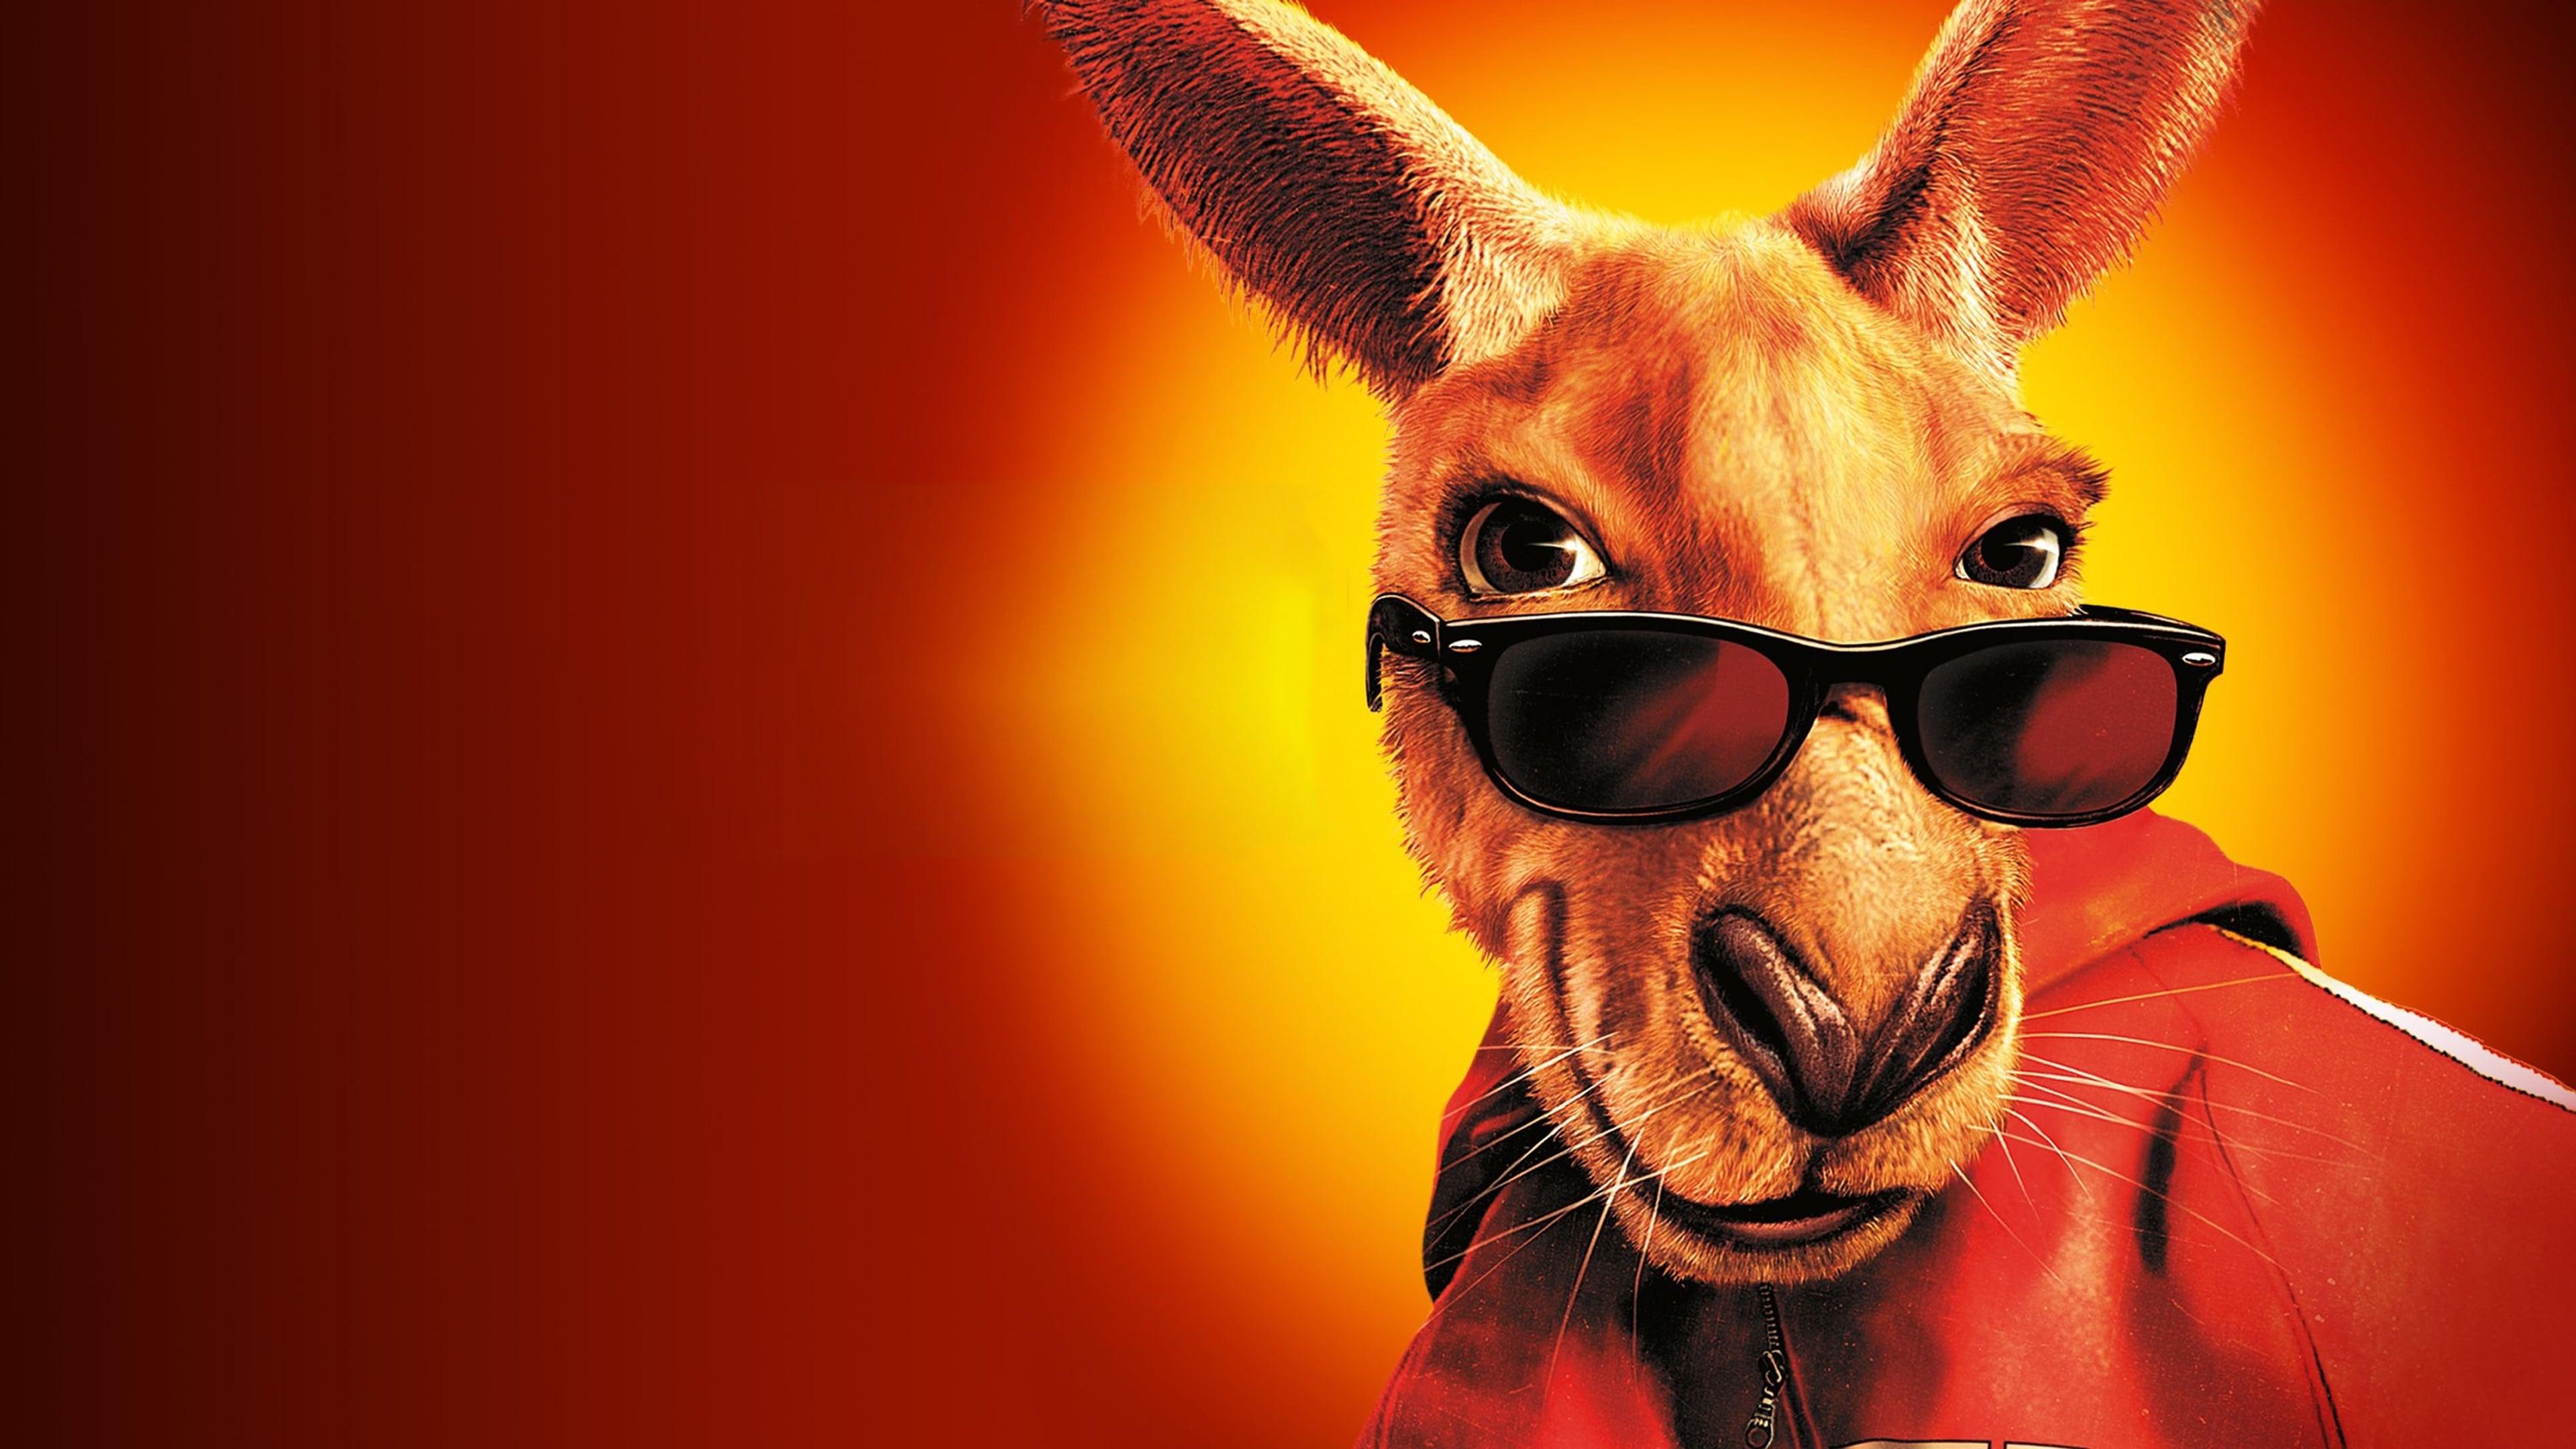 kangaroo jack wallpapers wwwpixsharkcom images